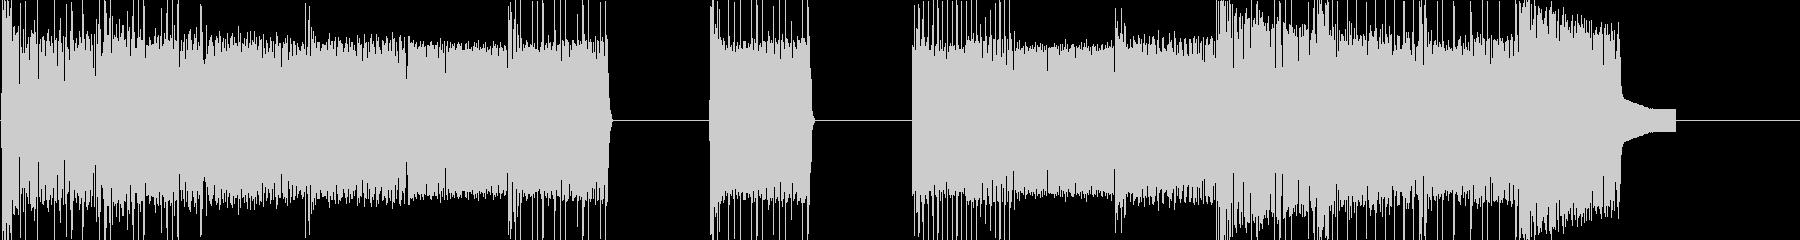 レトロゲームなチップチューンジングル14の未再生の波形